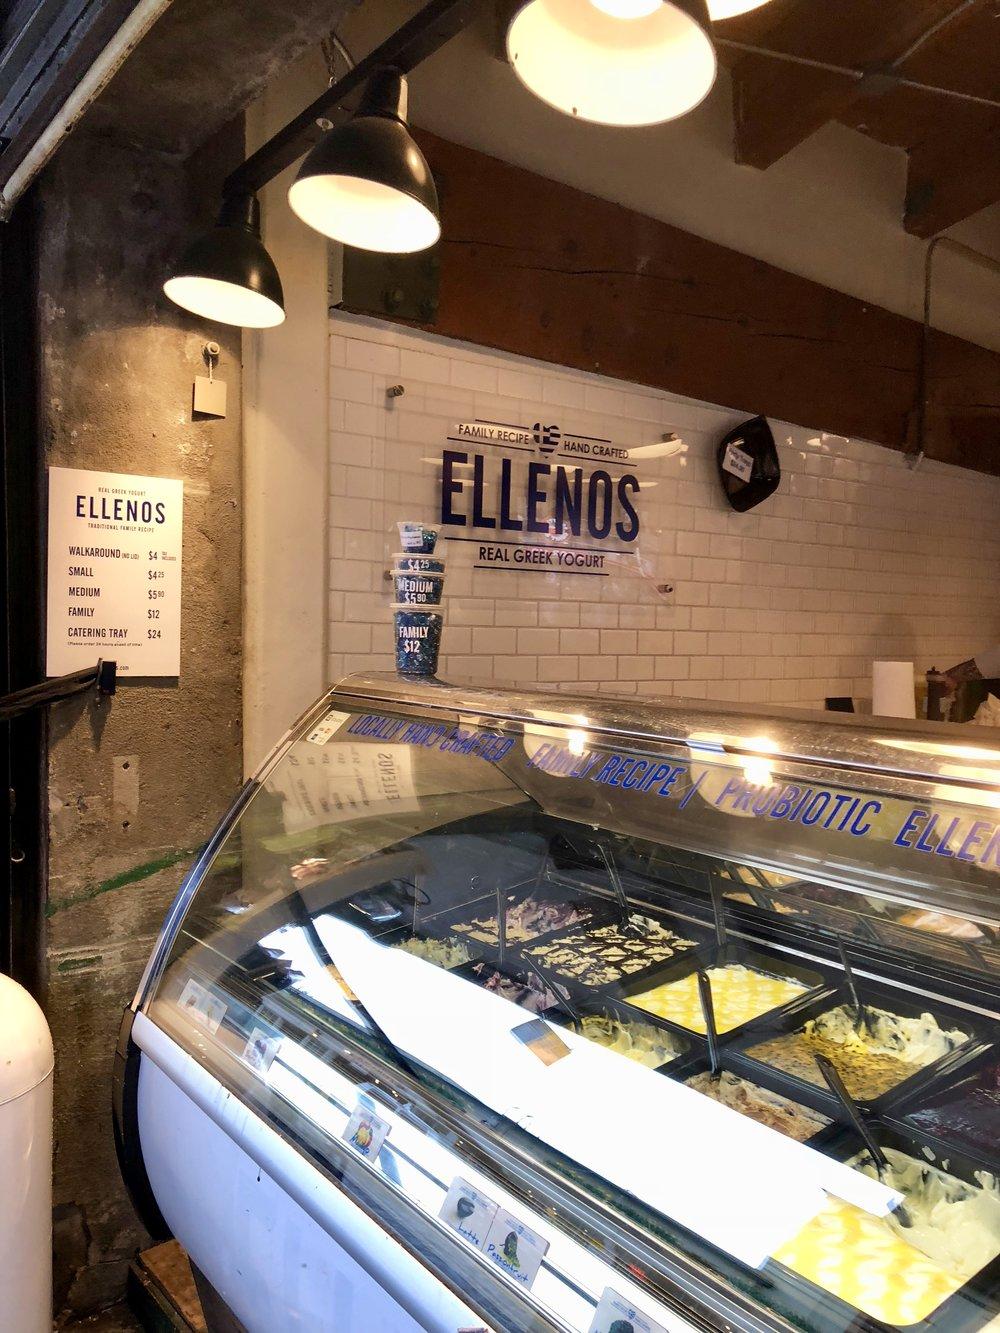 Ellenos Real Greek Yogurt -